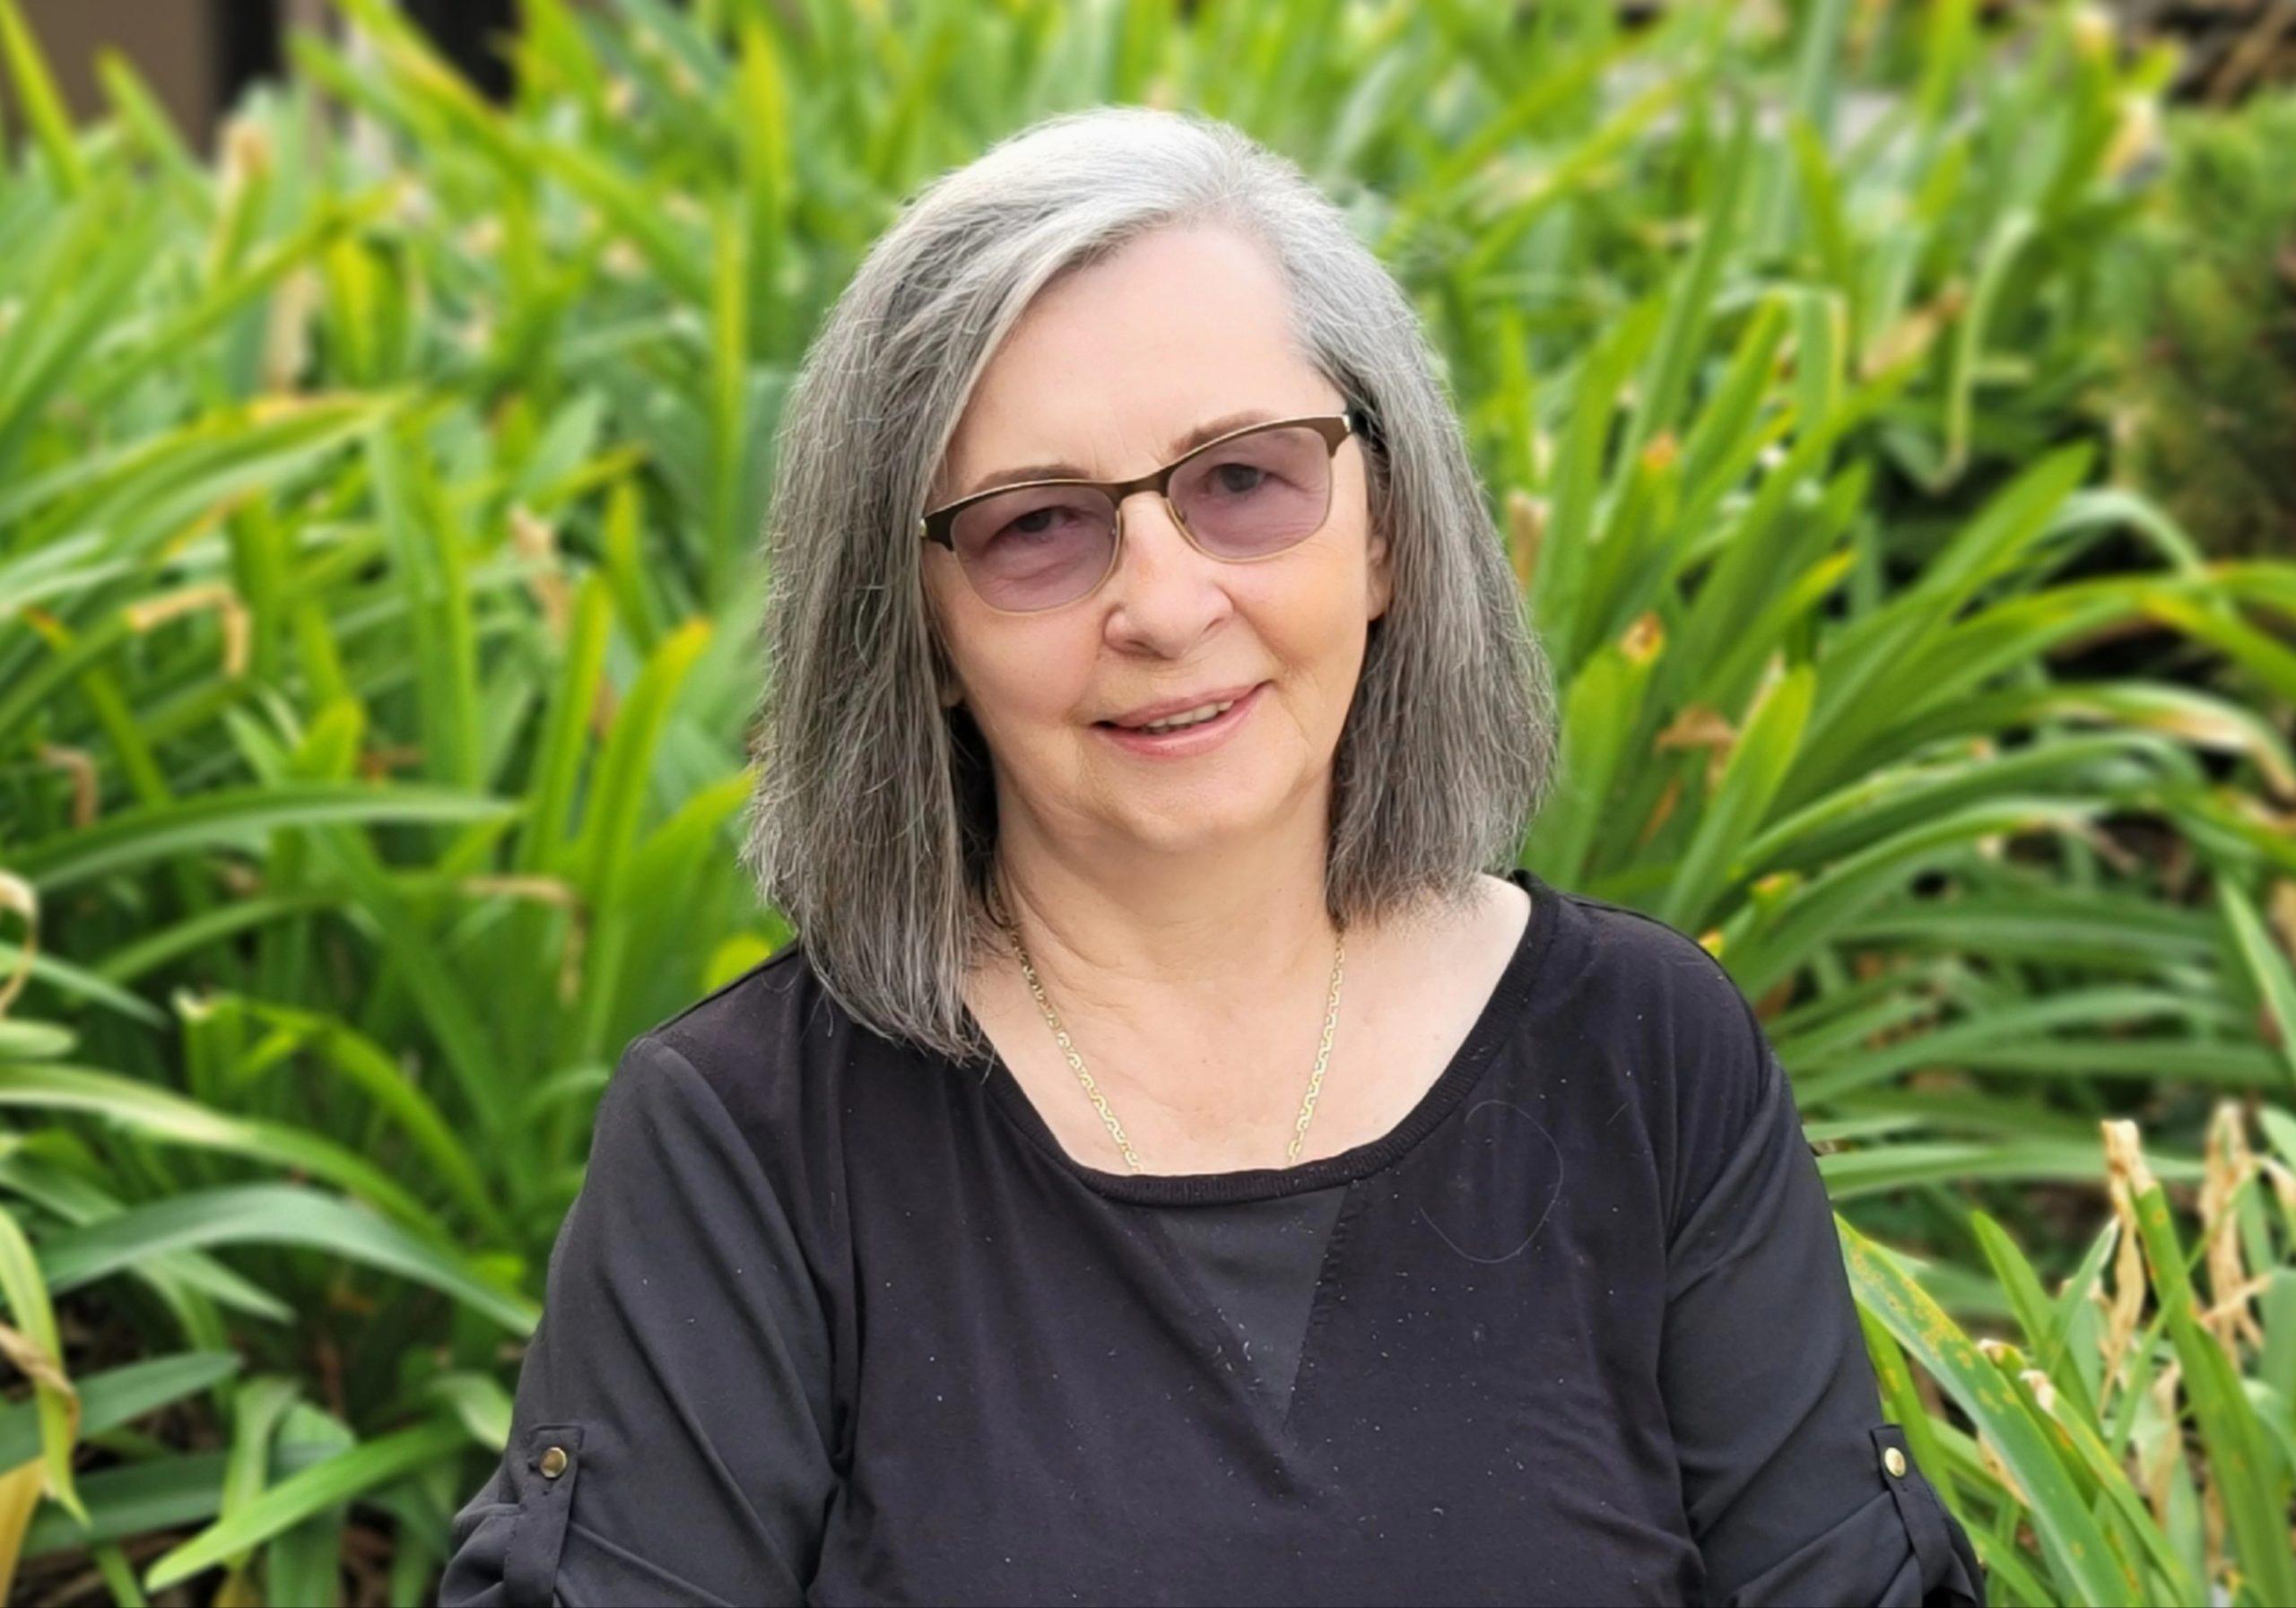 Lydia Vorgias